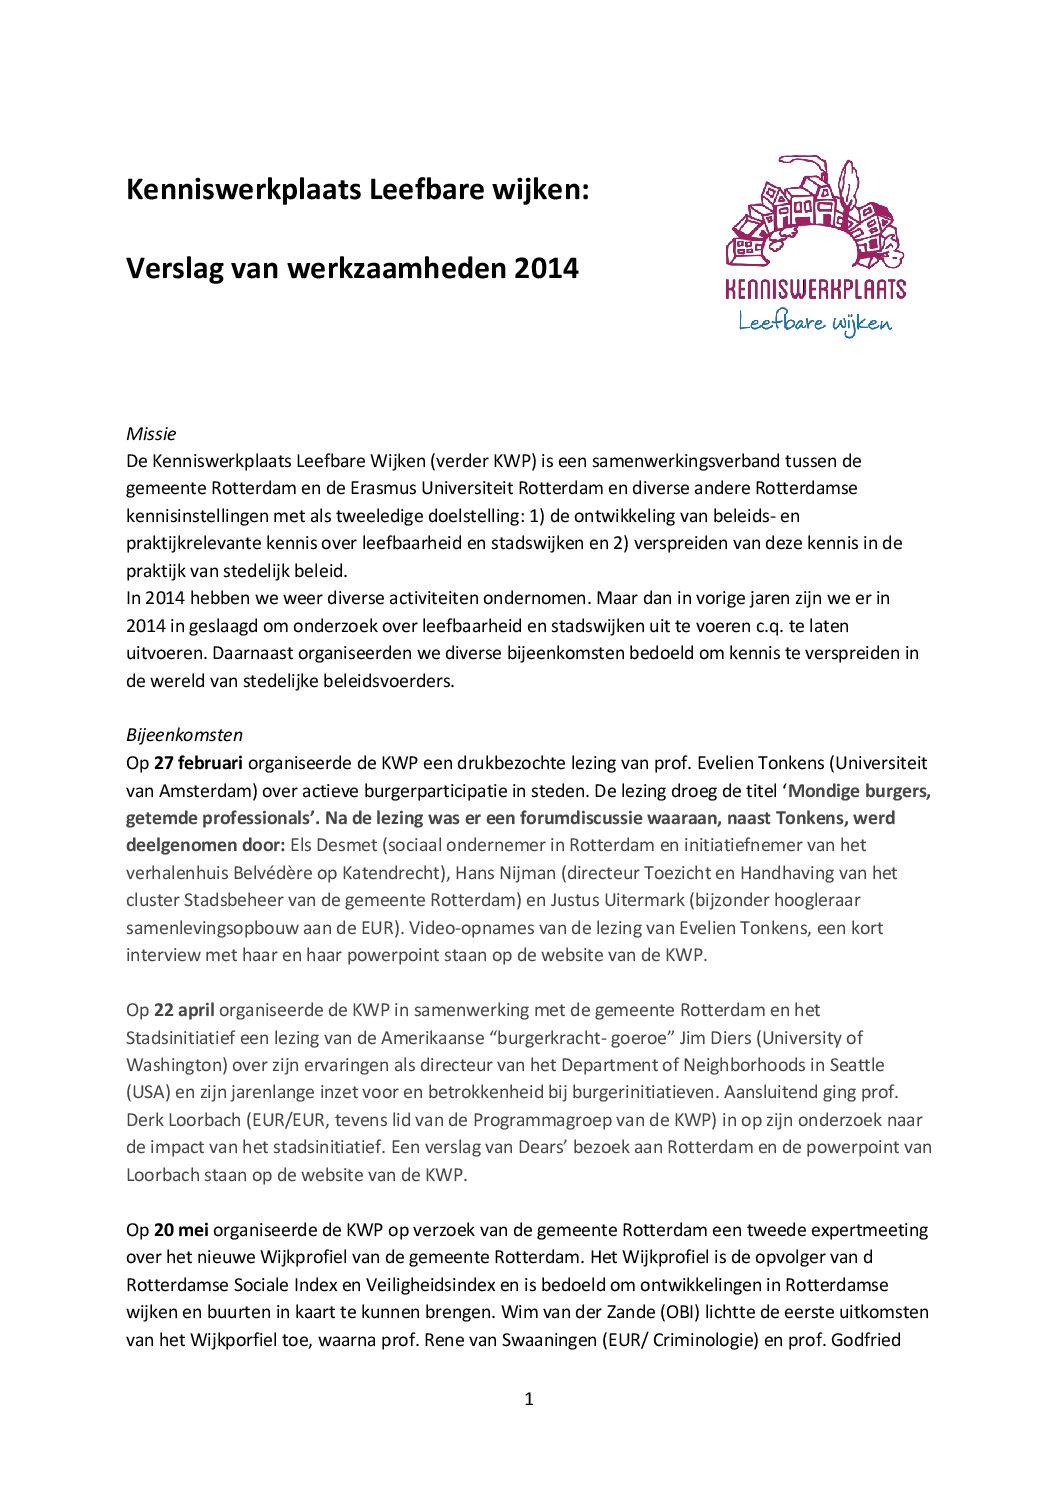 Verslag van werkzaamheden 2014